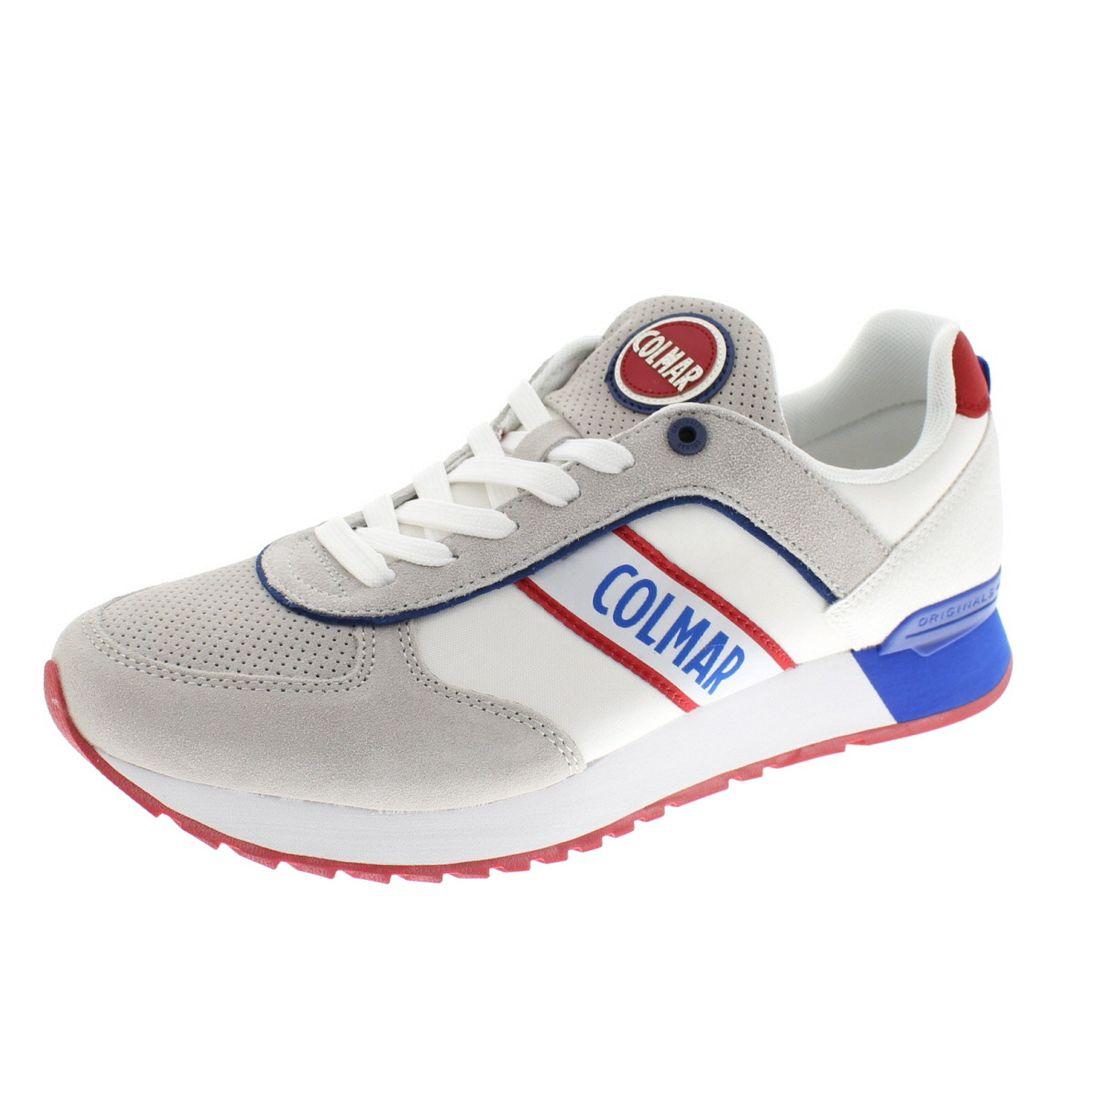 COLMAR Herrenschuhe - Sneaker Travis Runner 030 - white